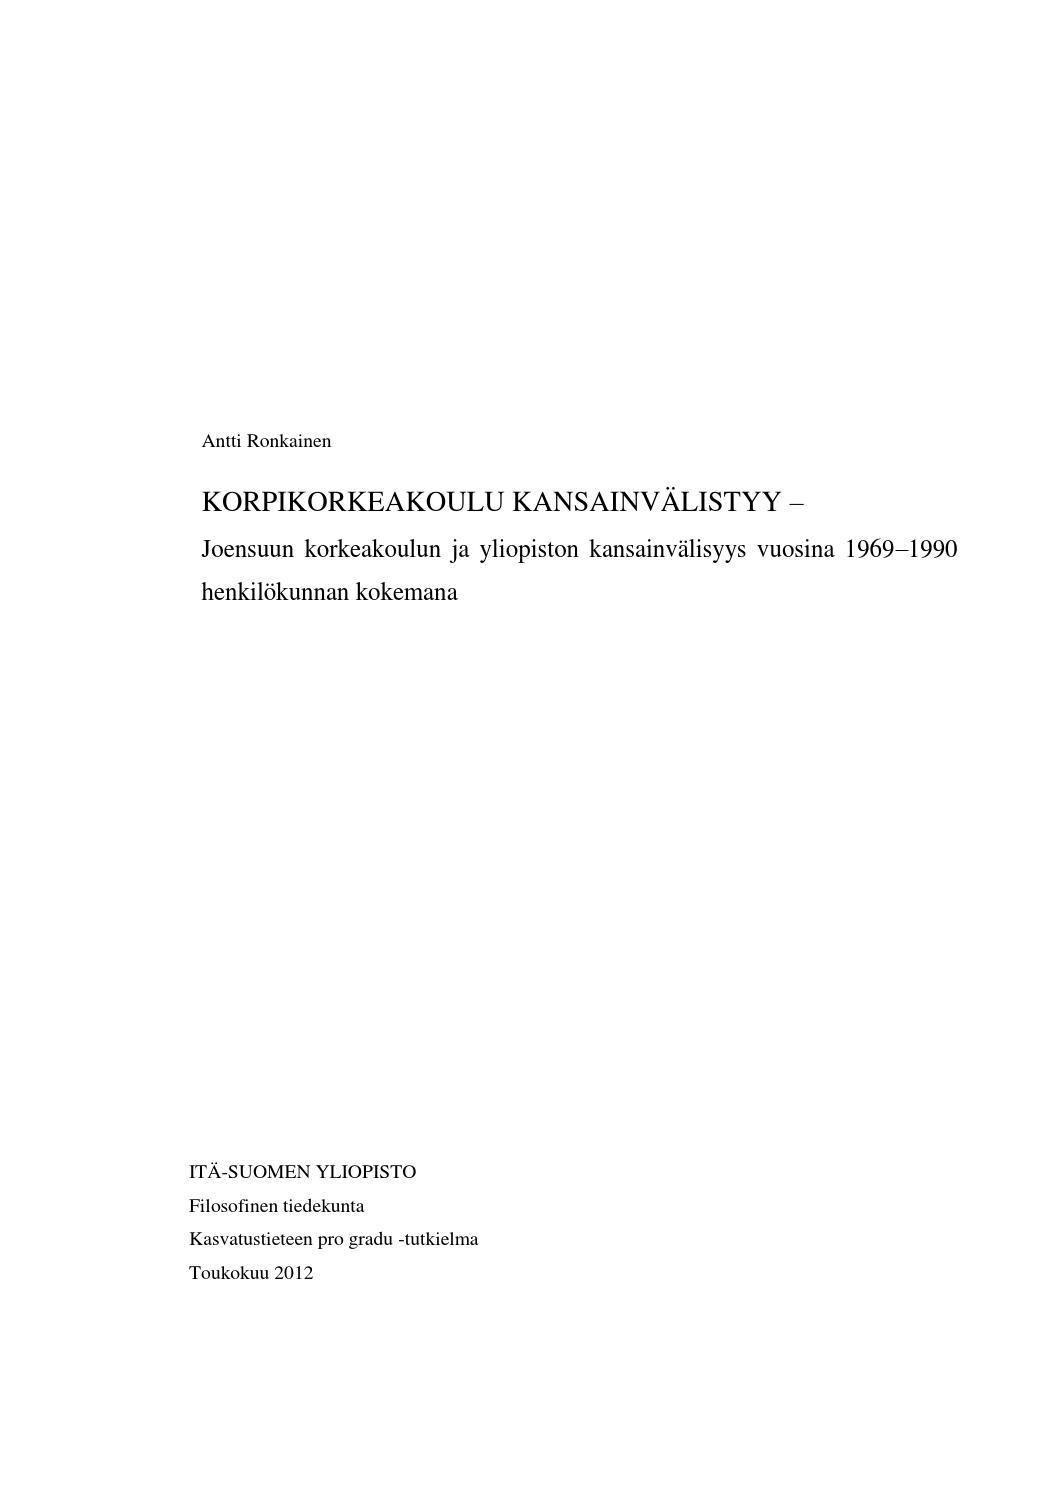 Korpikorkeakoulu Kansainvalistyy By Antti Ronkainen Issuu